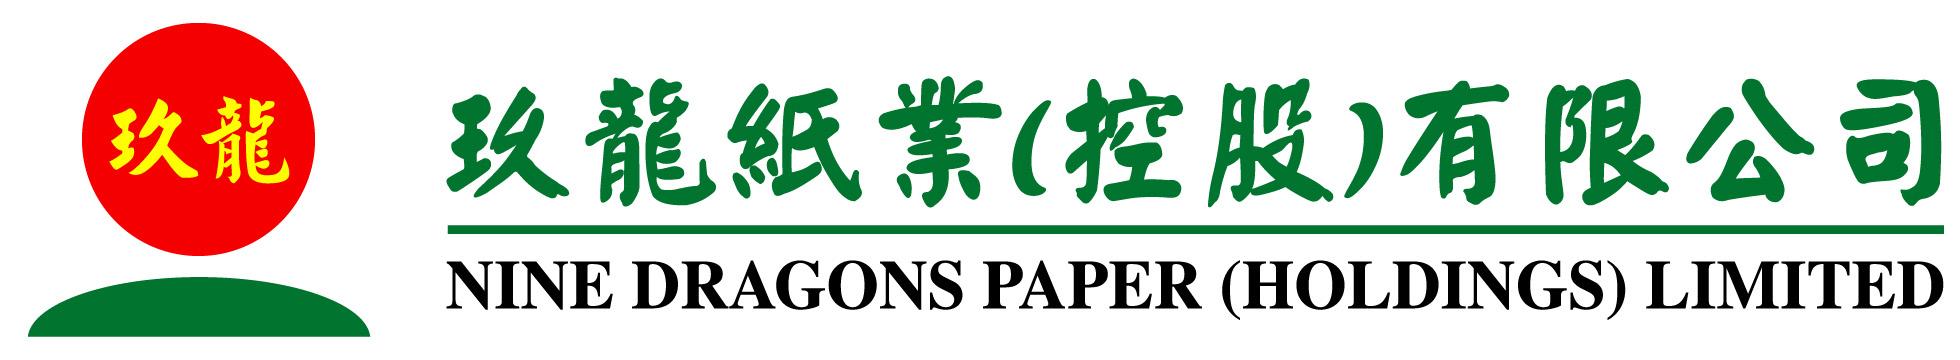 玖龙环球(中国)投资集团有限公司